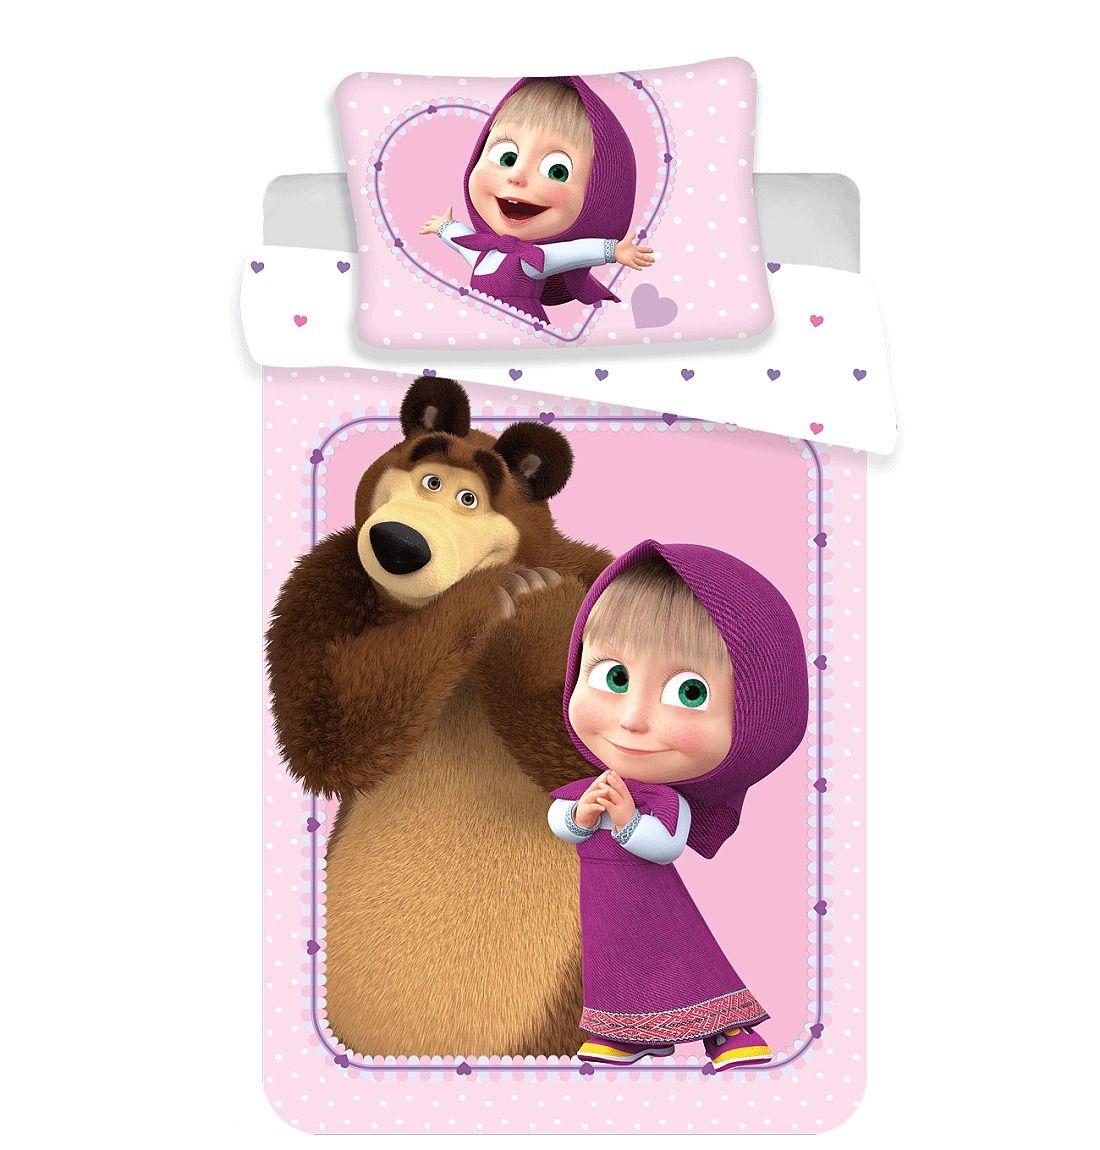 Disney povlečení do postýlky Máša a Medvěd baby Jerry Fabrics